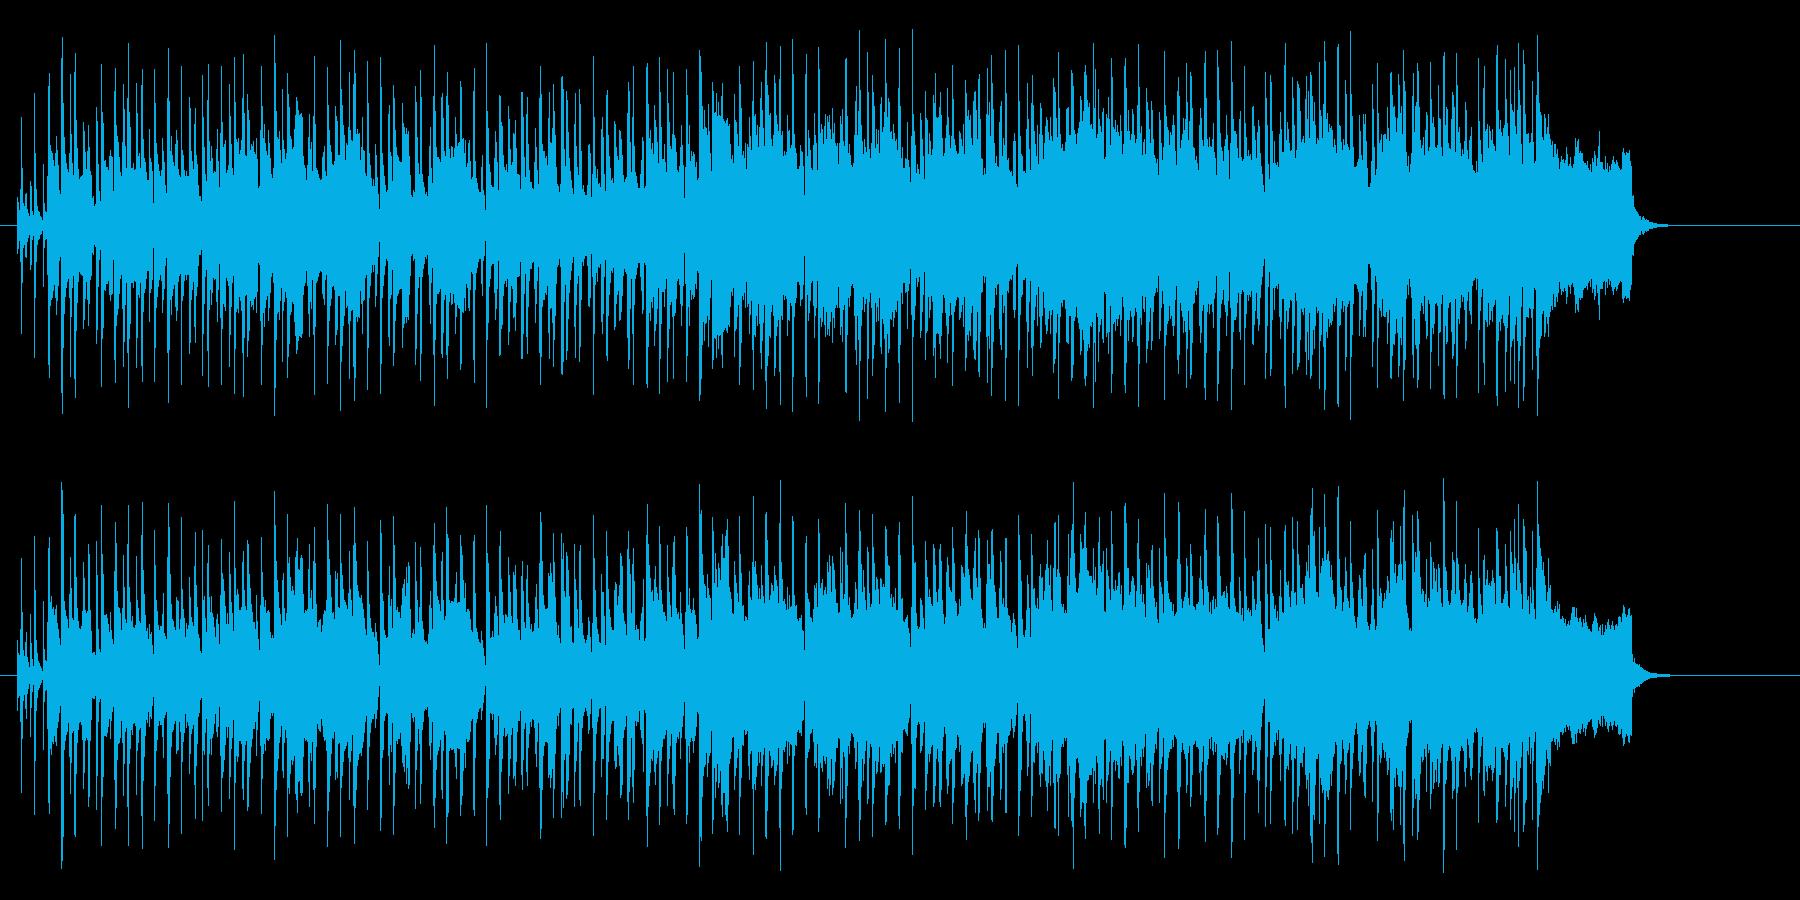 ポップ・レゲエ(明るく爽やかな感じ)の再生済みの波形